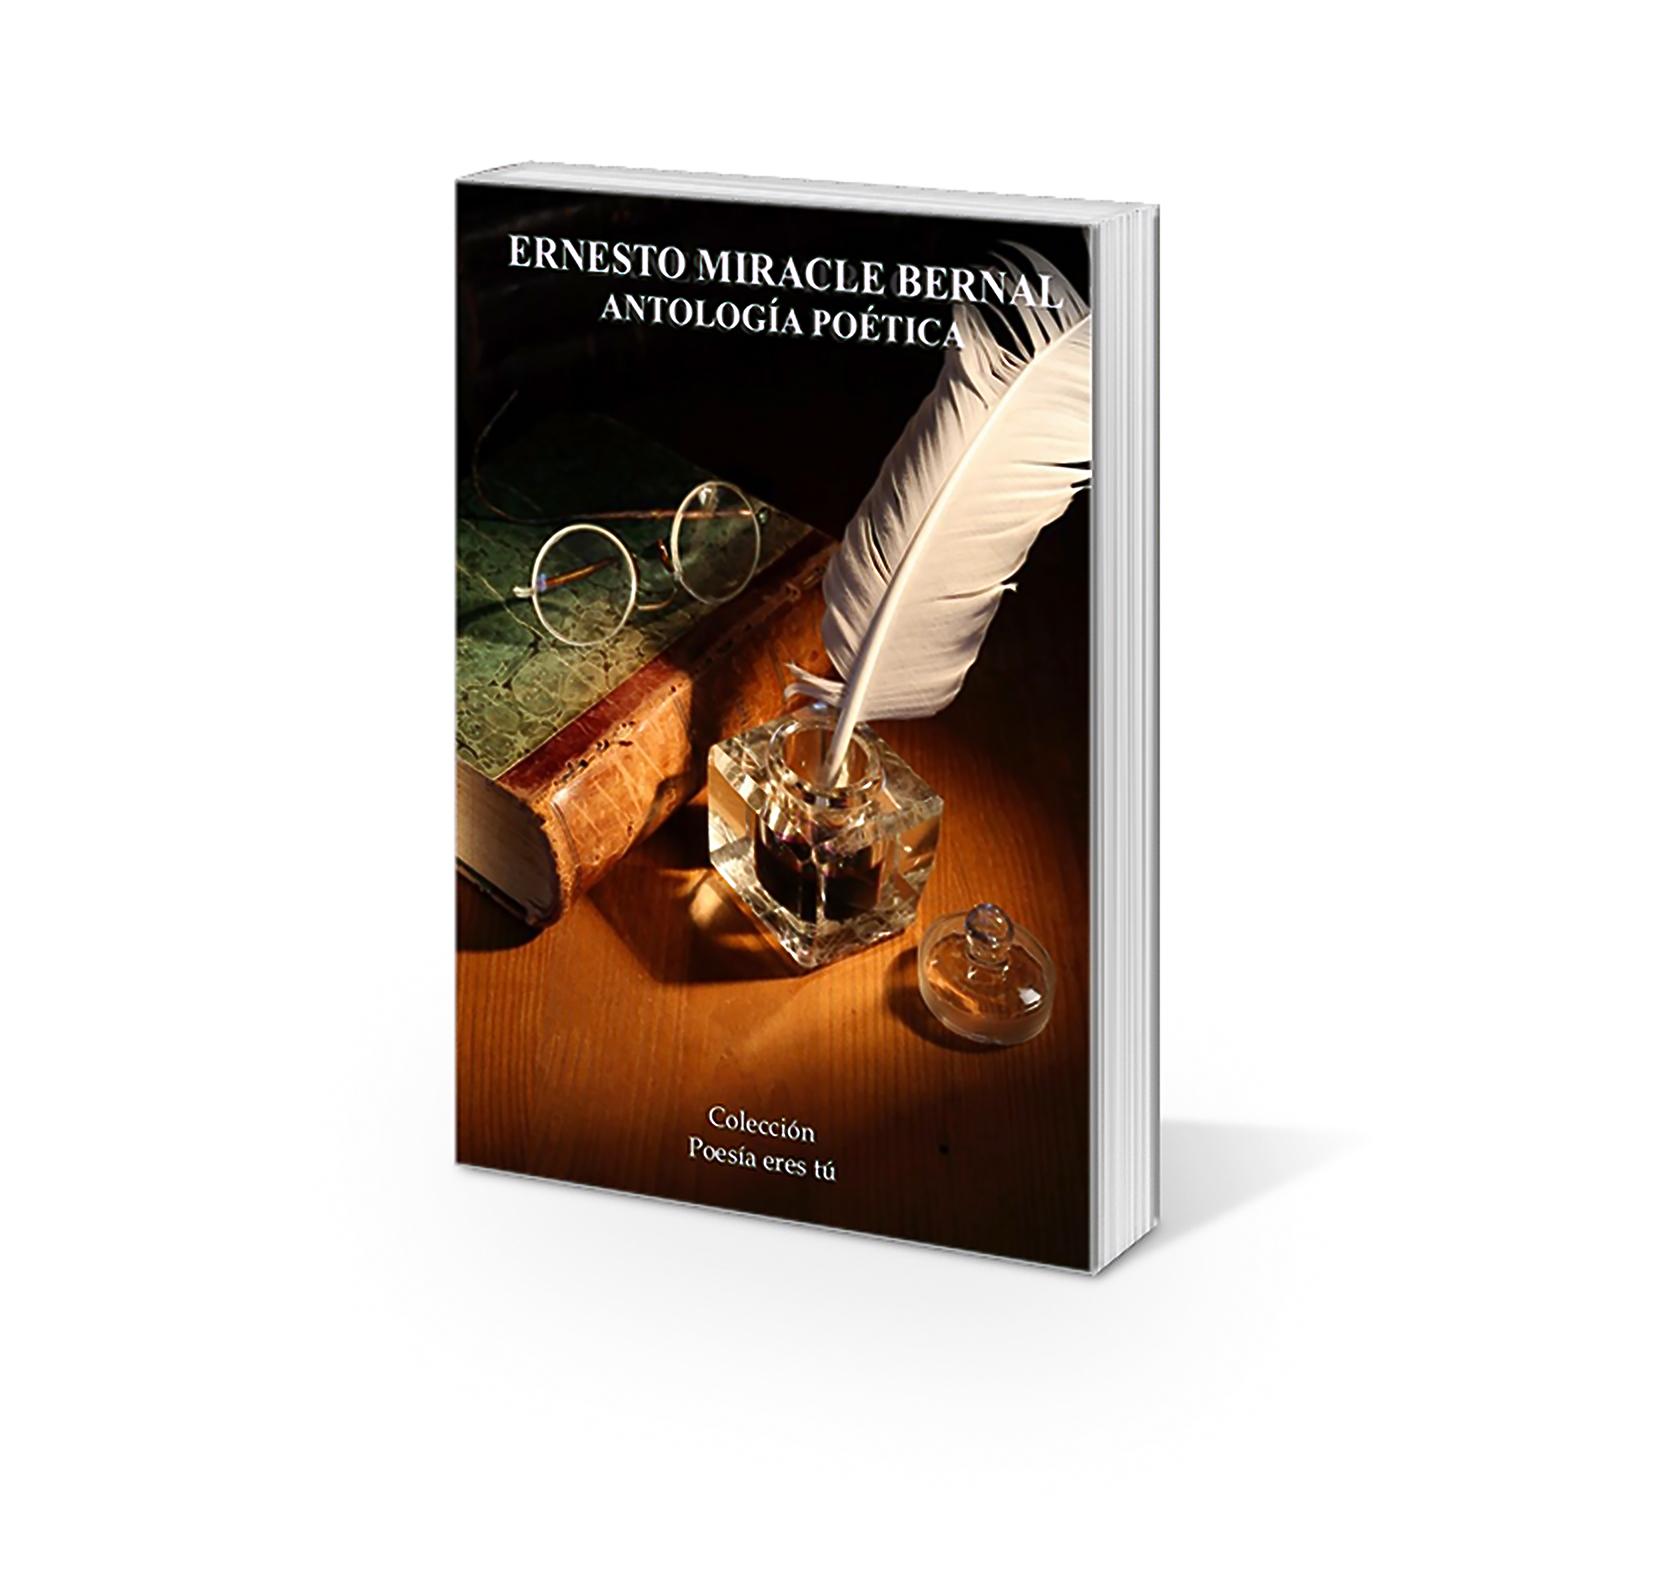 Ernesto Miracle Bernal es el escritor de Antología poética. El poeta acaba de publicar un libro de poesía con la Editorial Poesía eres tú